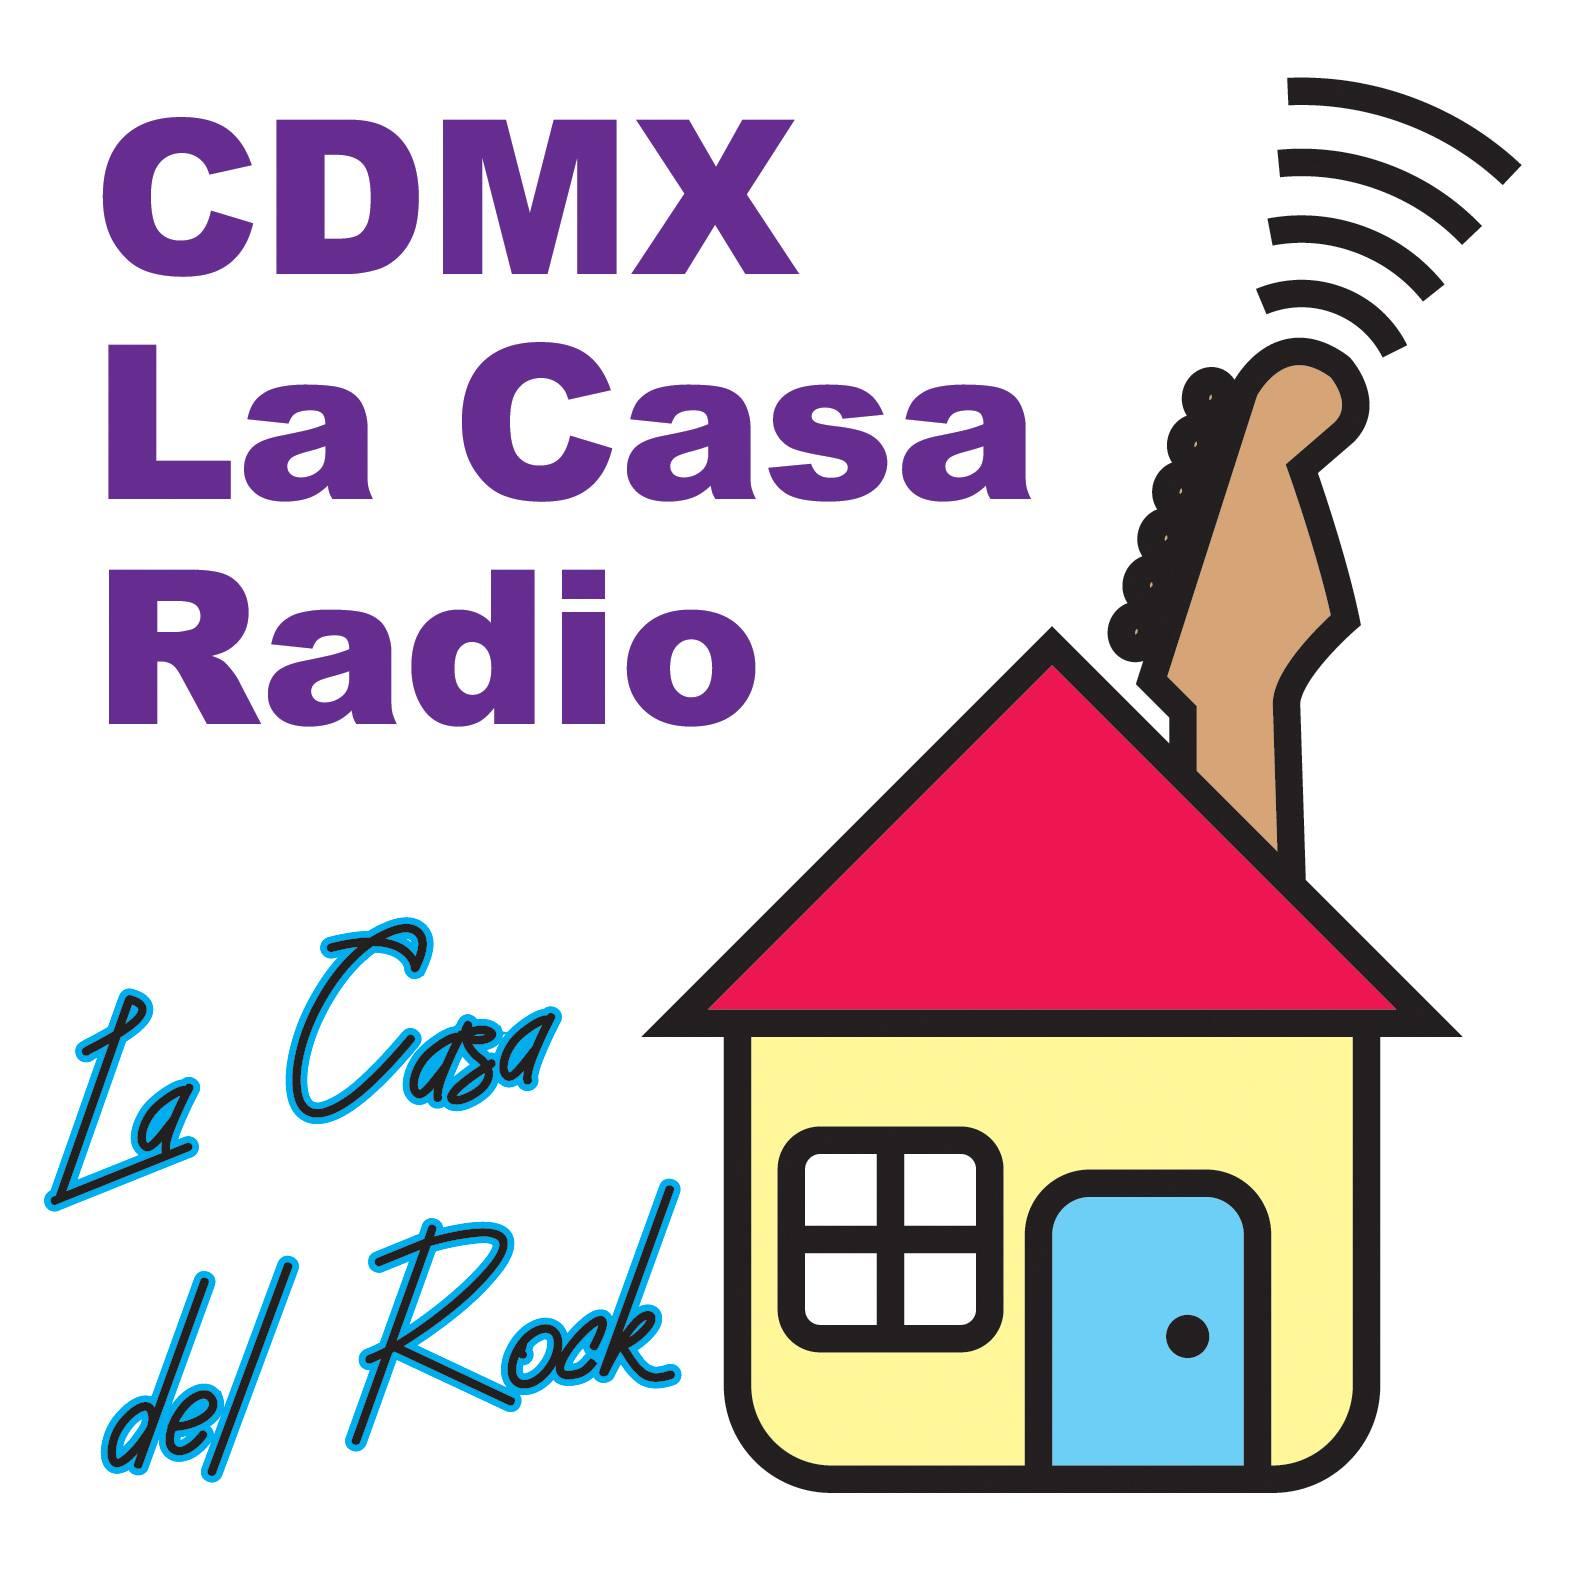 cdmx la casa radio la casa del rock